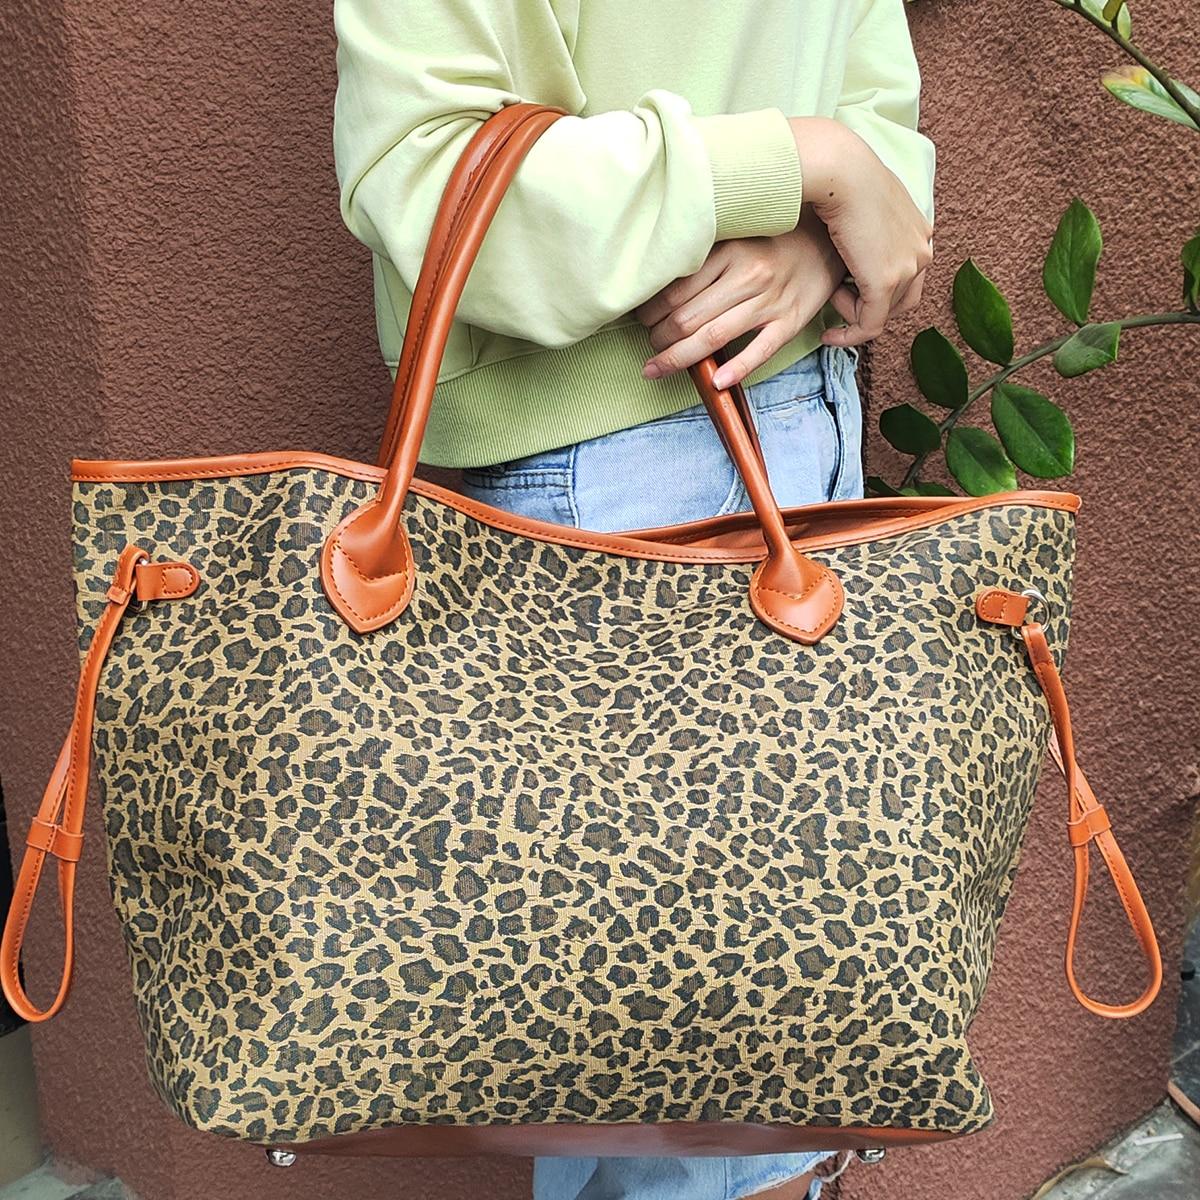 35 قطعة مجموعة ليوبارد حمل سعة كبيرة الفهد حمل سلسلة لا نهاية لها قماش حقيبة يد DOMIL388